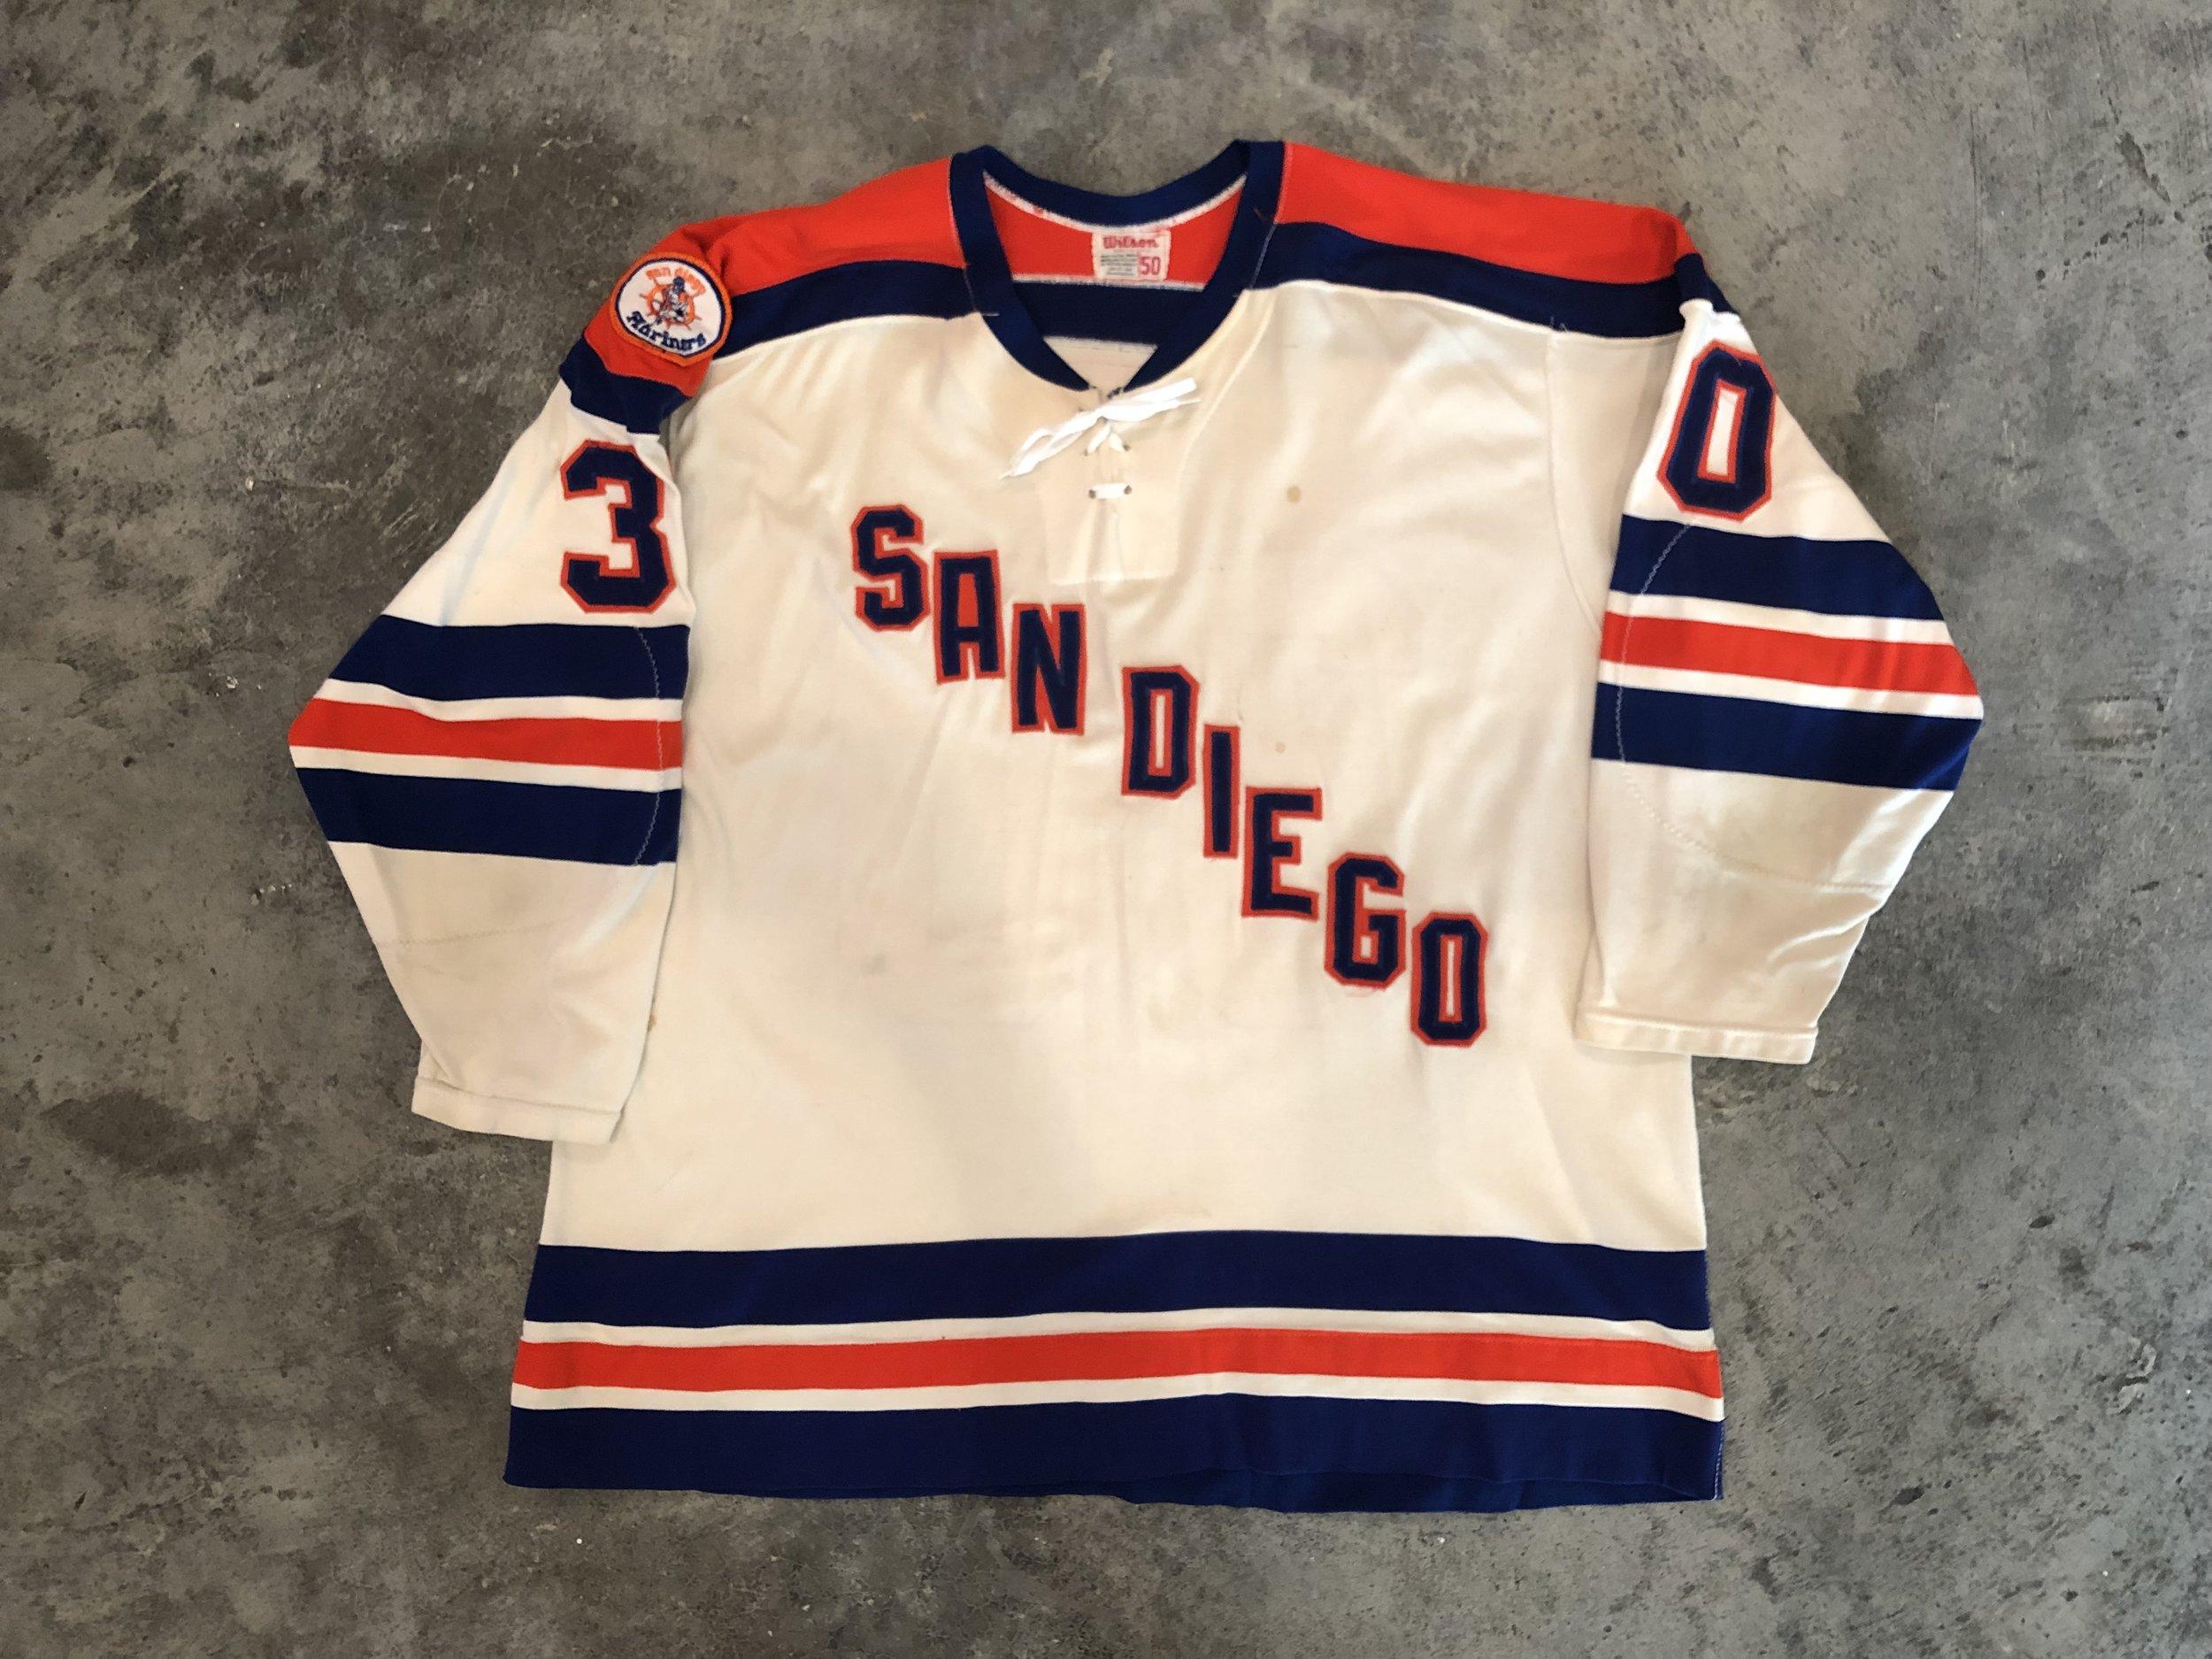 1975-76 Ken Lockett San Diego Mariners game worn home jersey